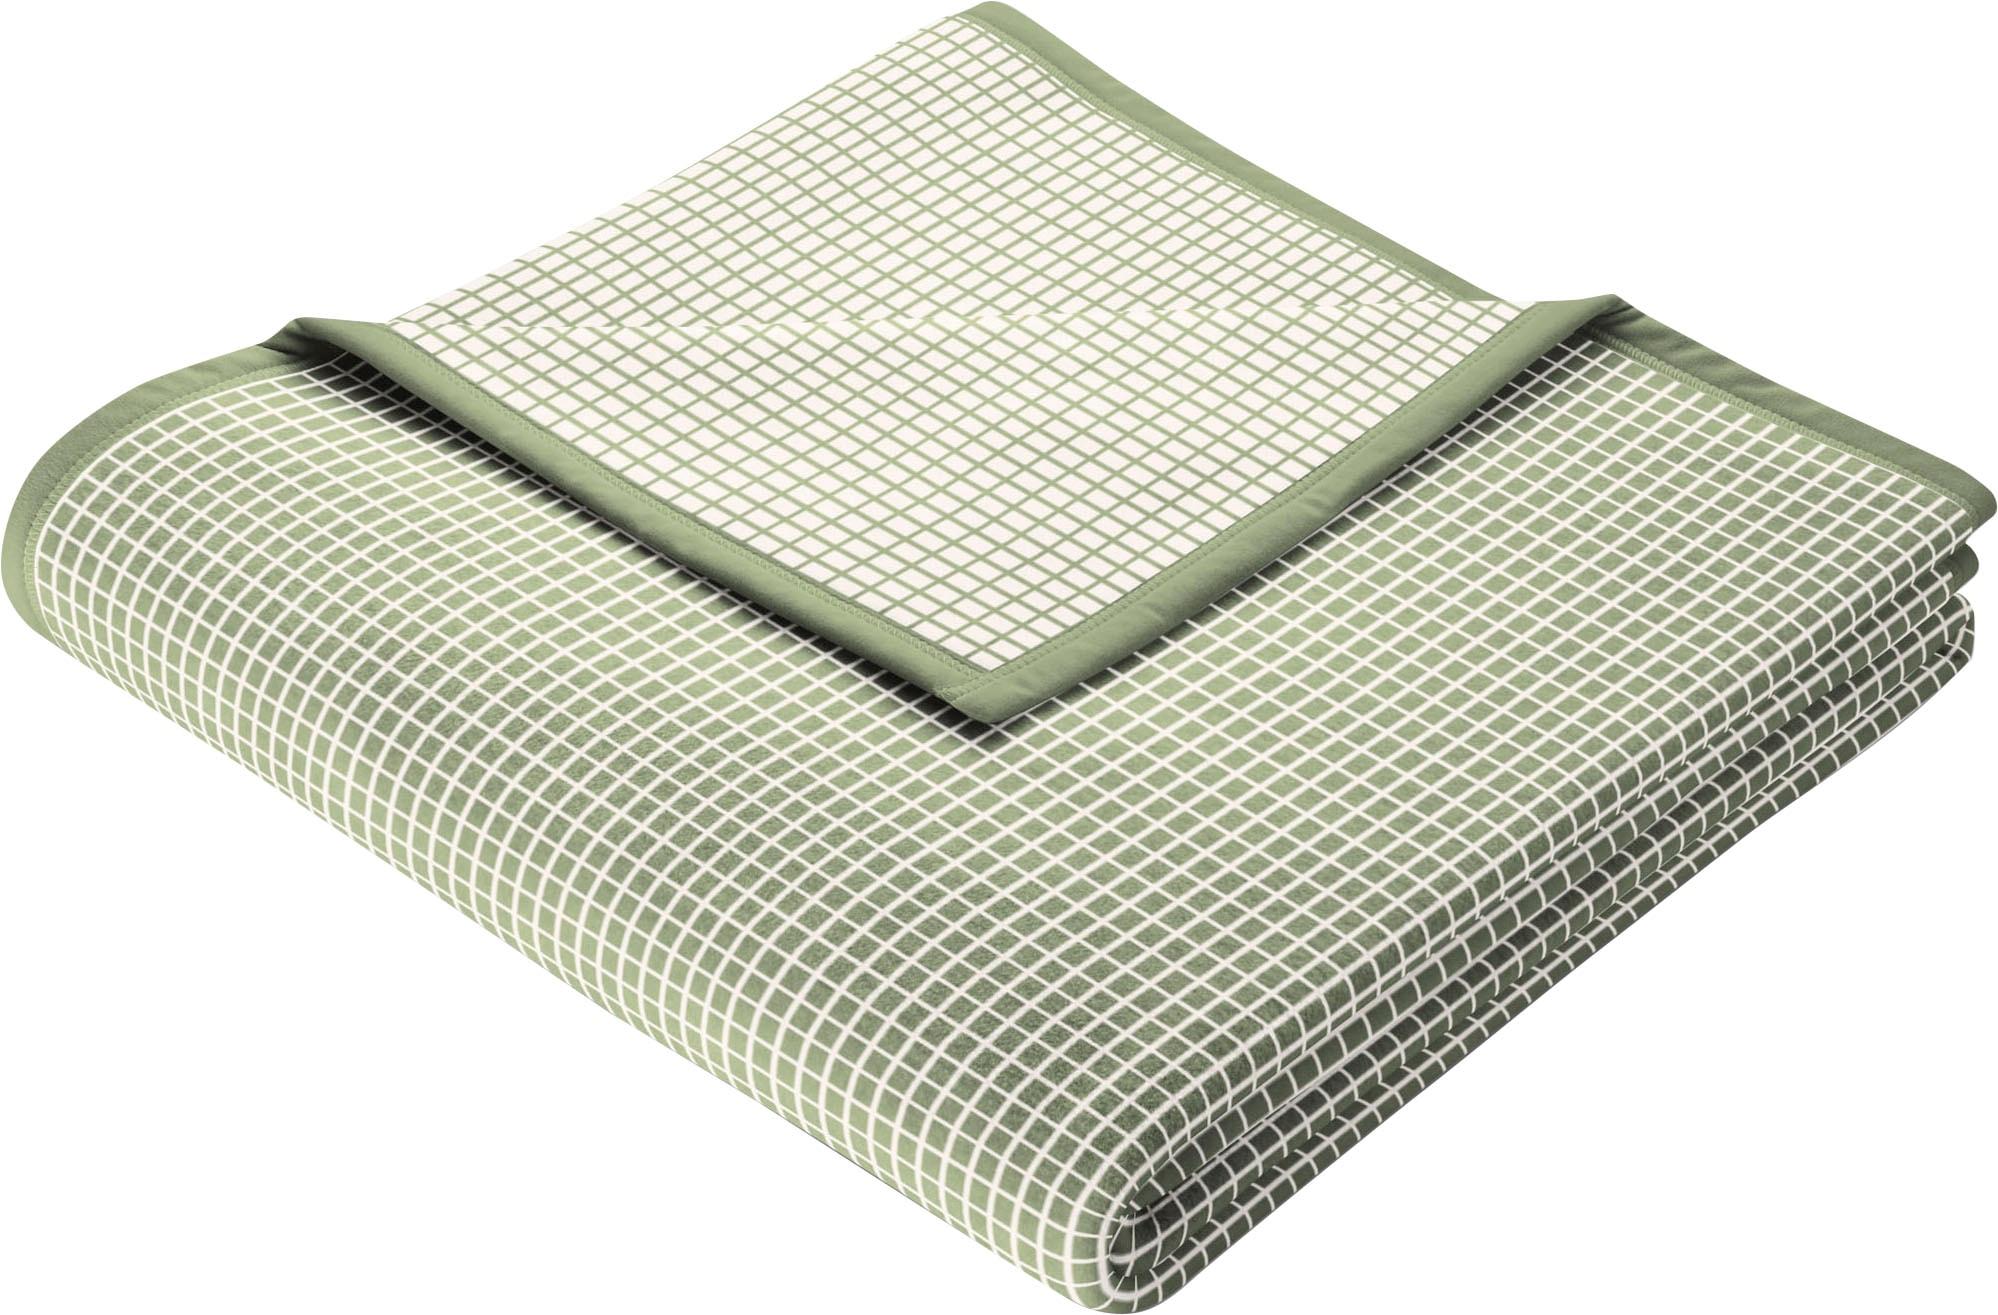 BIEDERLACK Wohndecke New Cotton, leichte Webdecke grün Baumwolldecken Decken